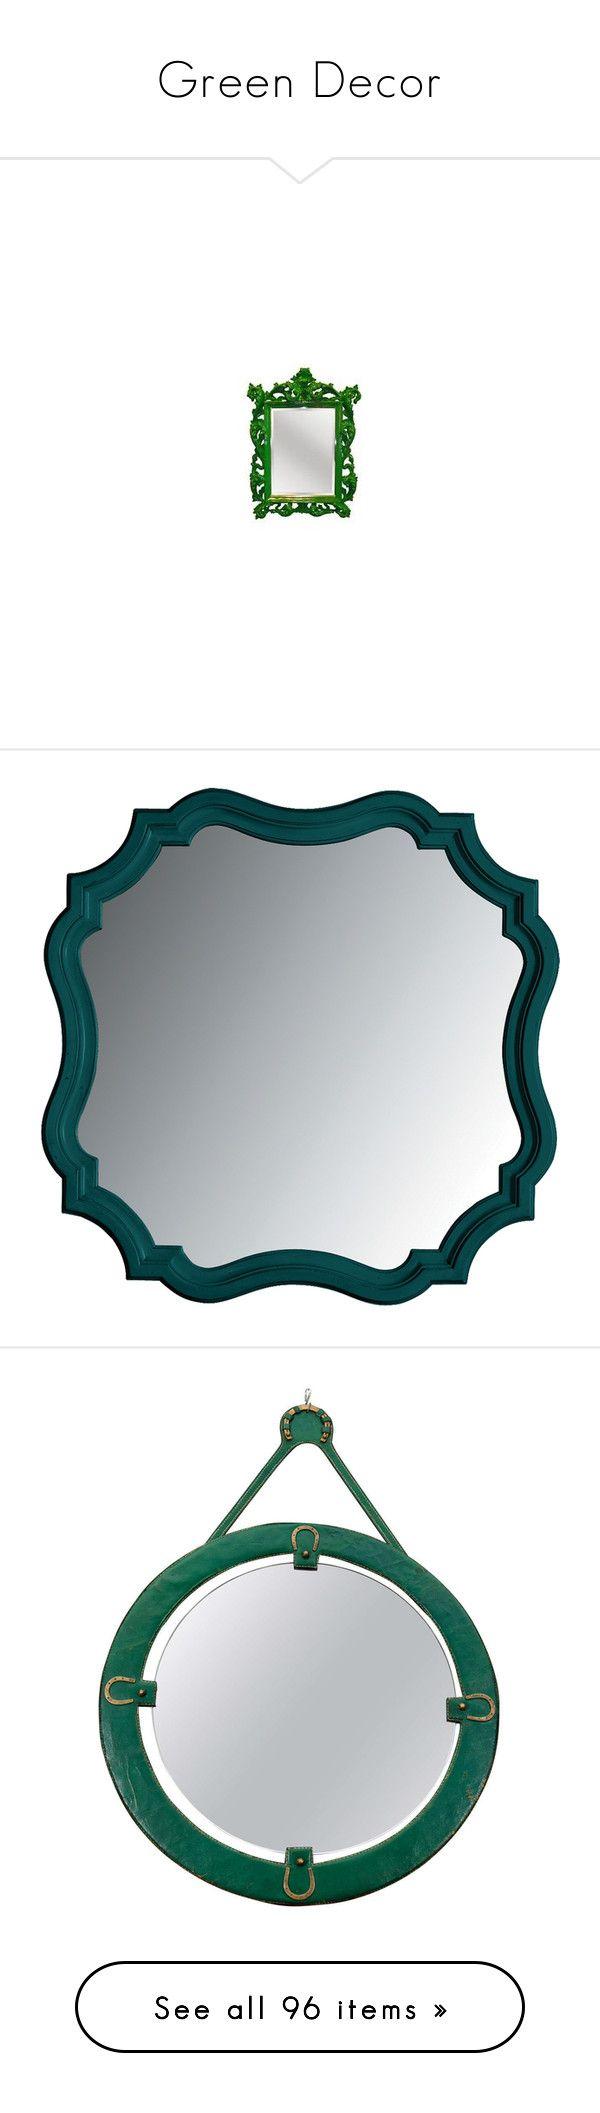 4447350d3509240e27544ddeef7defc9  ornate mirror wood mirror Best Of Blaugrünes Und Graues Schlafzimmer Zat3